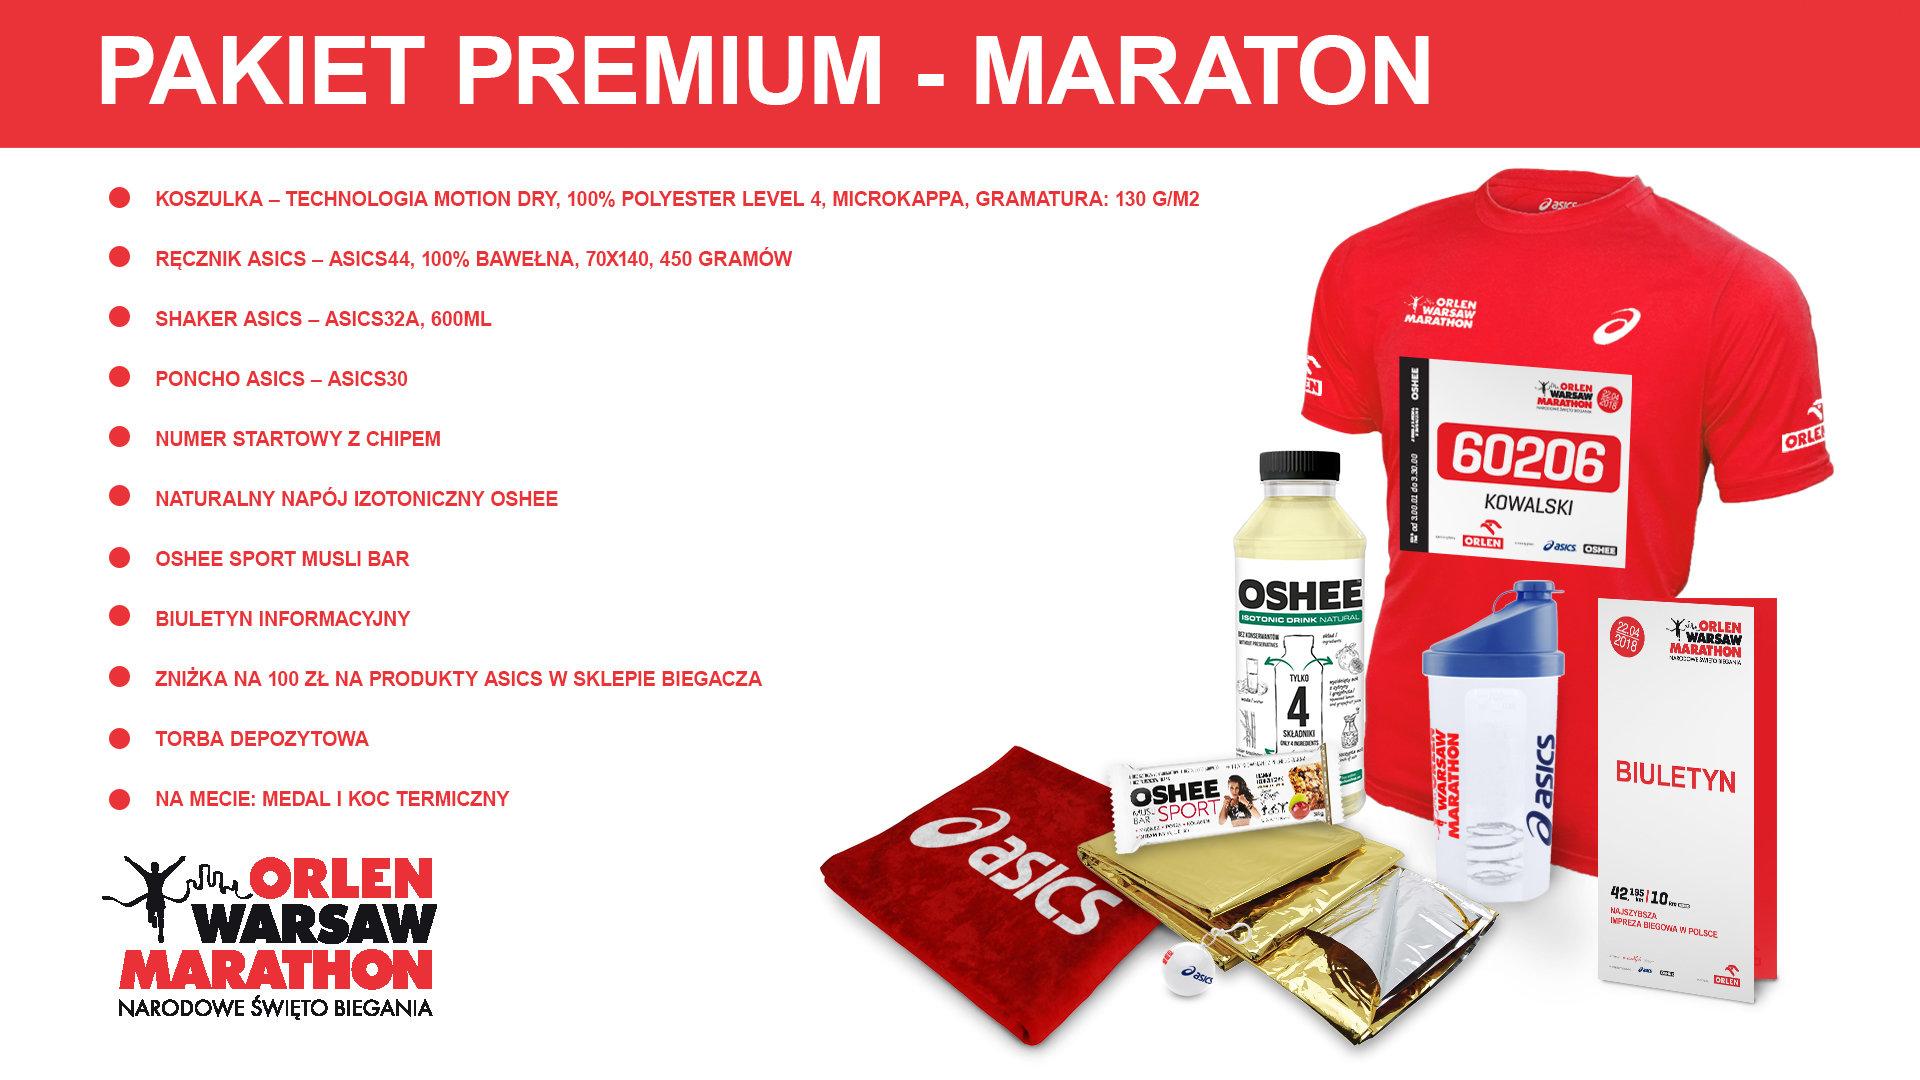 Znamy skład pakietów startowych na ORLEN Warsaw Marathon!